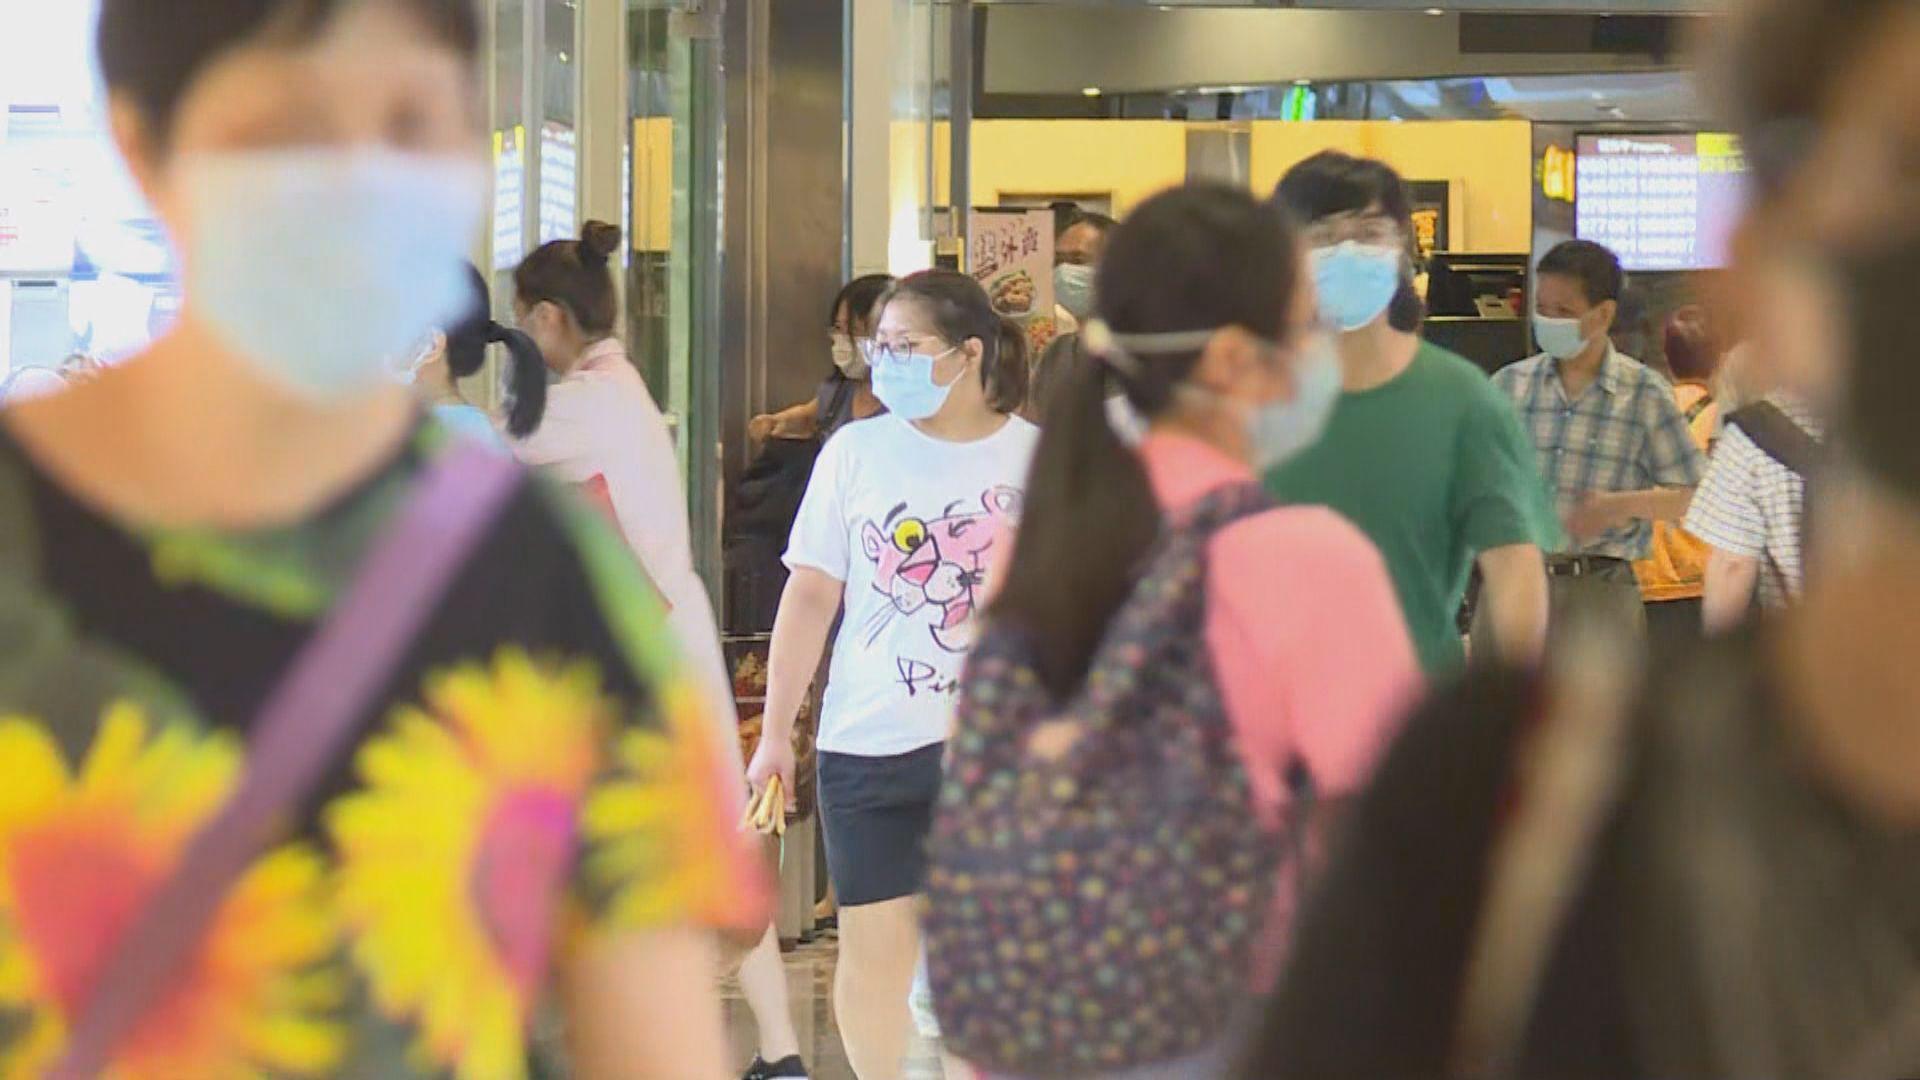 政府強制室內公共場所戴口罩 有市民歡迎措施